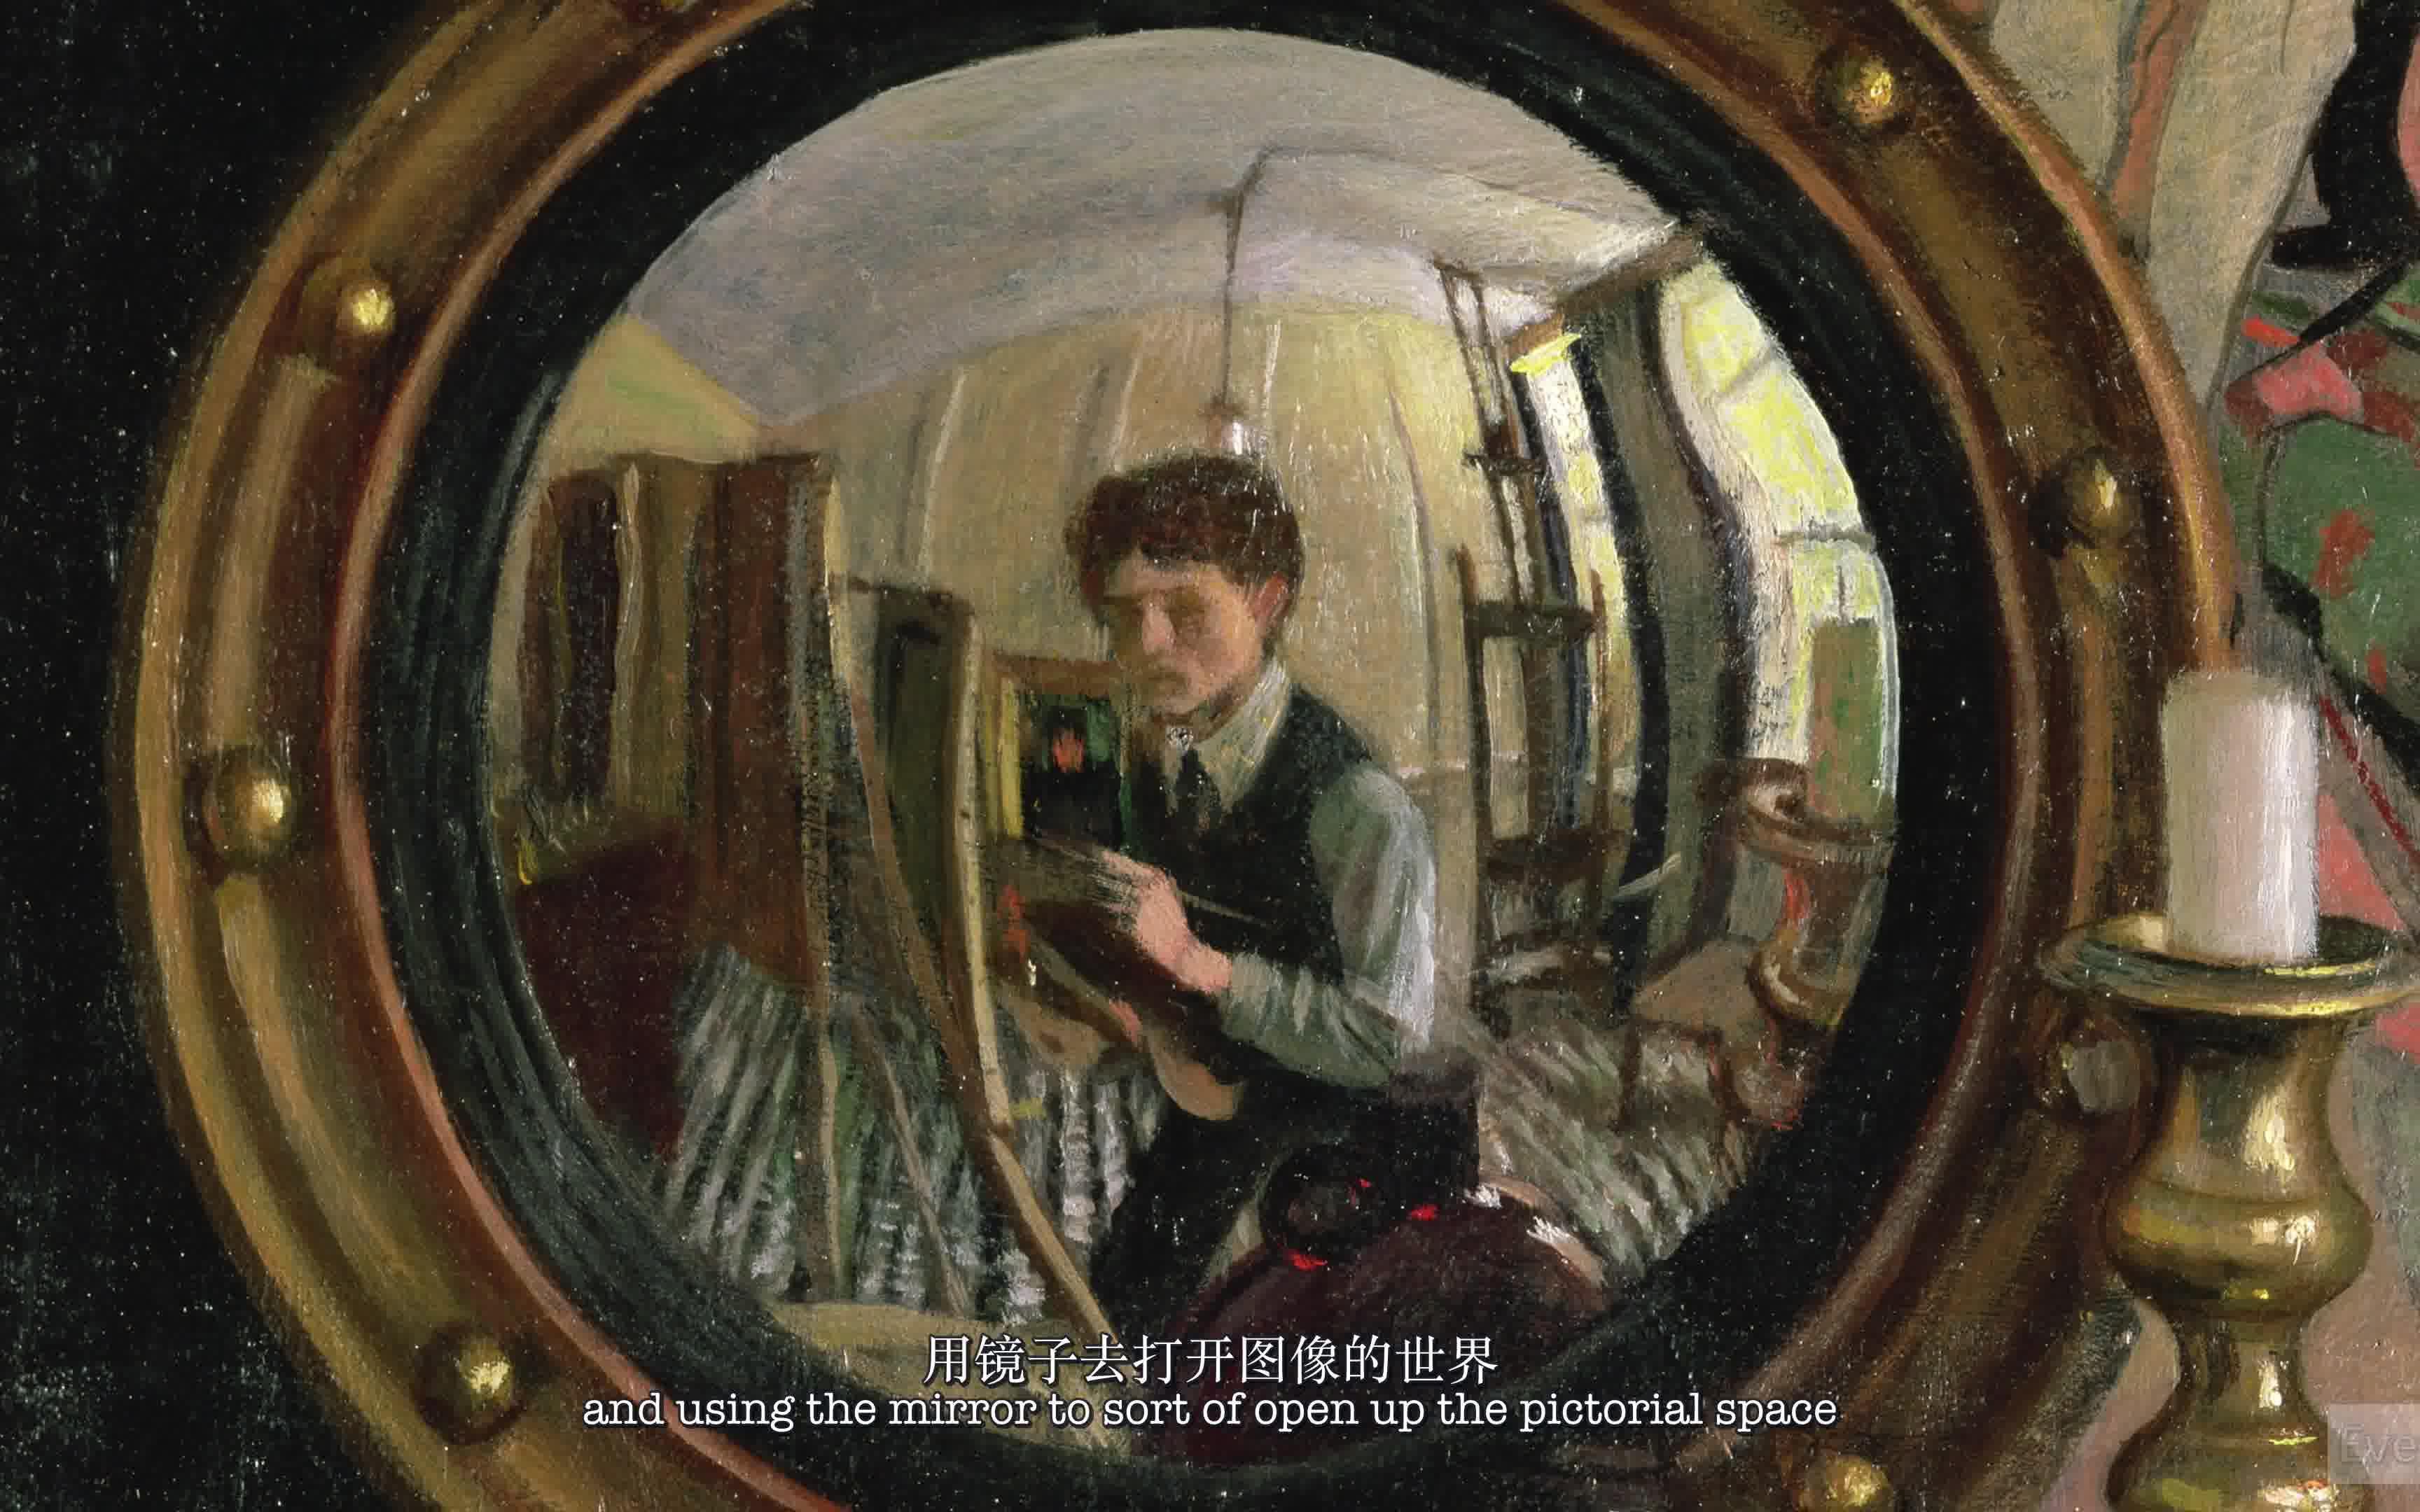 【自制中英字幕|艺术历史向】'凸面镜'扬·凡·艾克《阿尔诺芬尼夫妇像》与拉斐尔前派-英国国家画廊